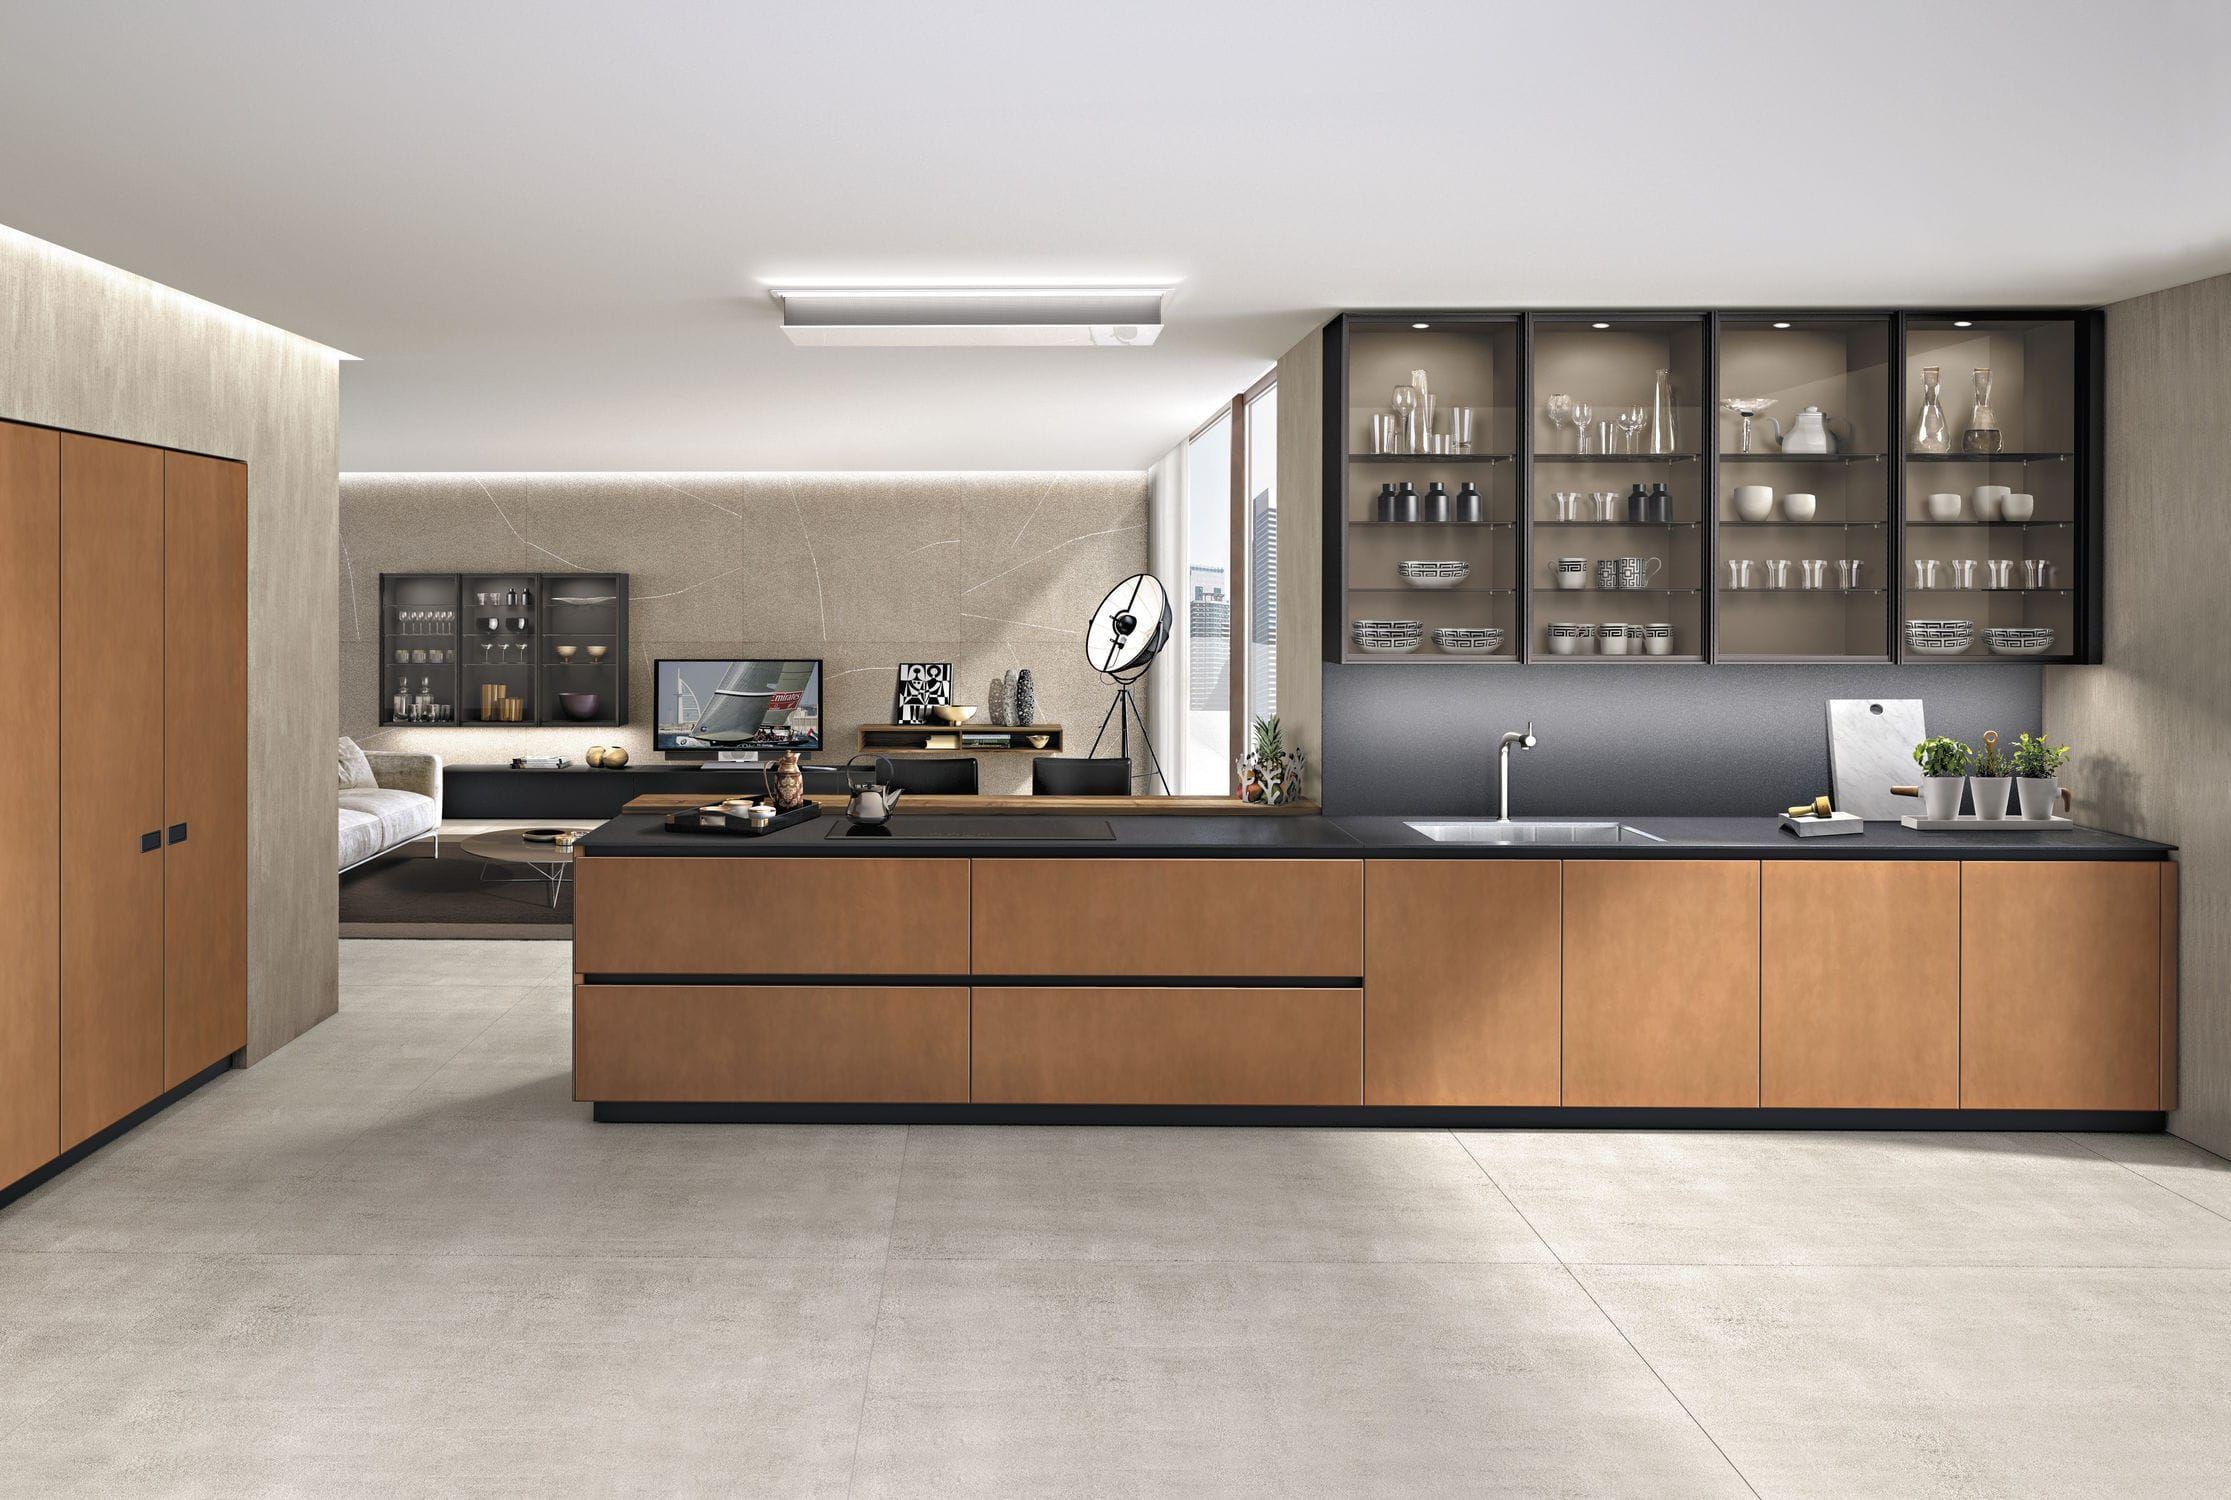 cuisine contemporaine en m tal en bois avec lot. Black Bedroom Furniture Sets. Home Design Ideas